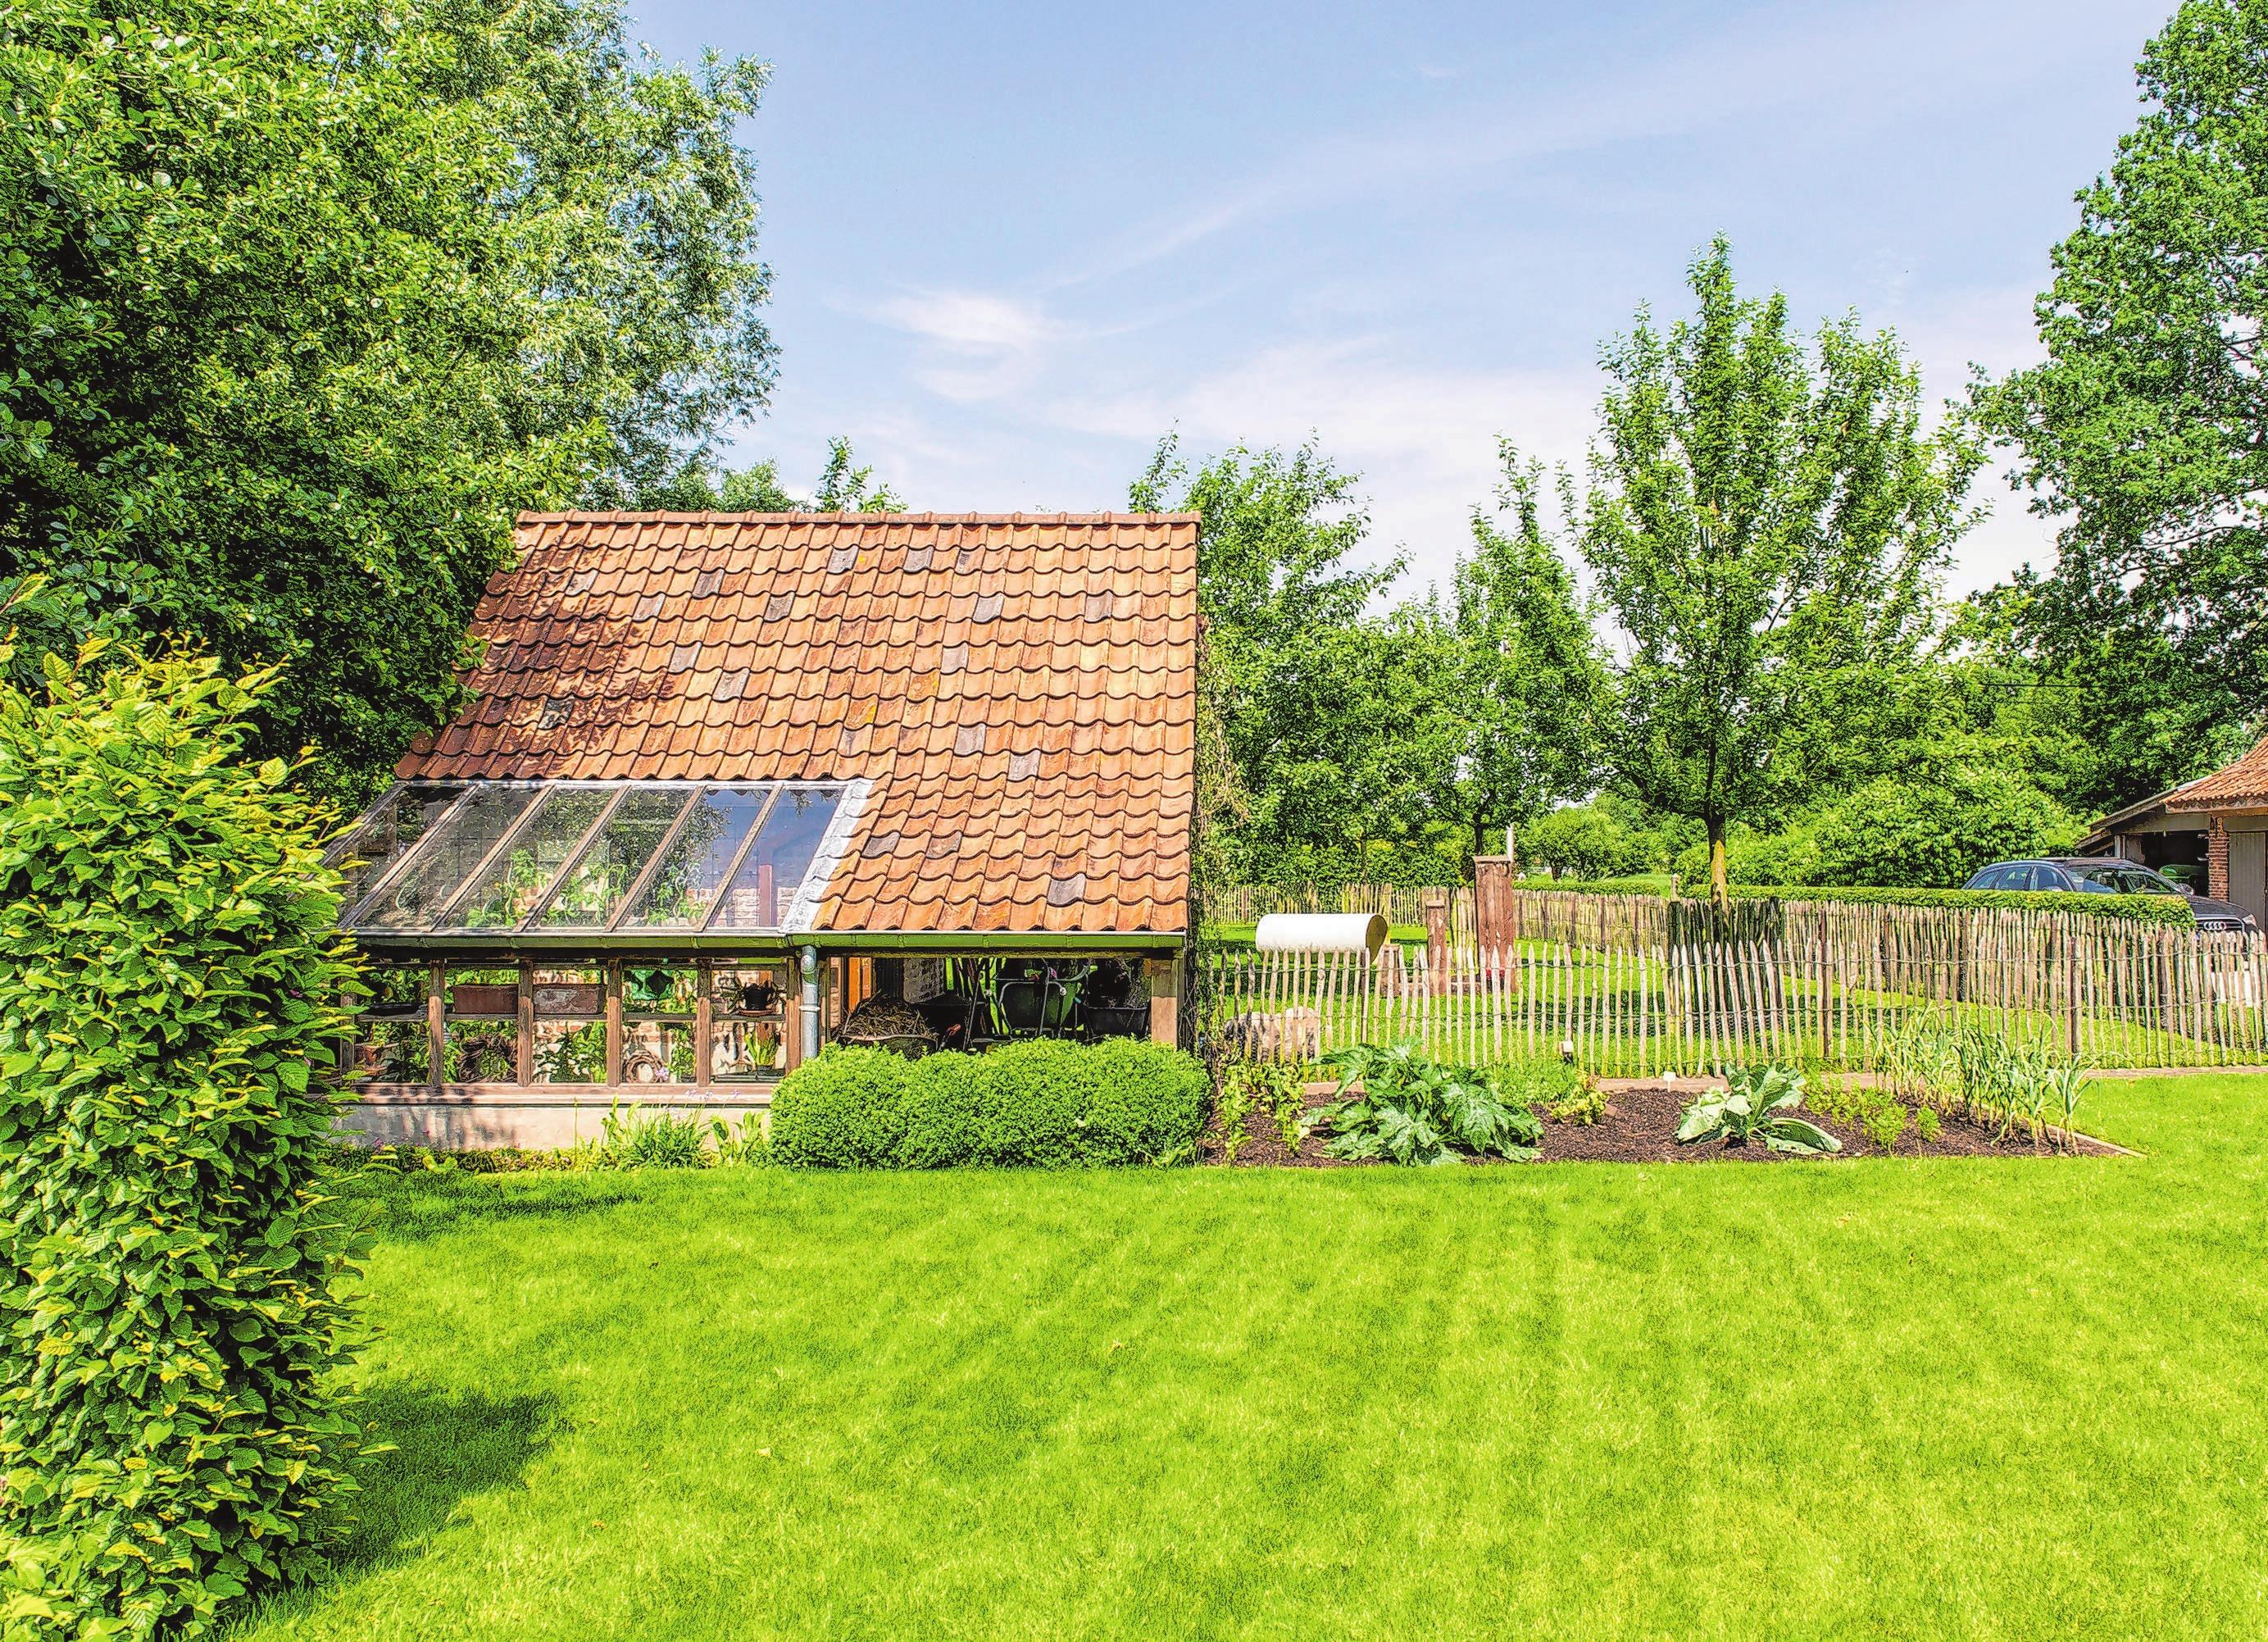 Die Steuerbefreiung gilt nur für das Grundstück, auf dem die Immobile der Familie steht. Foto: Archiv